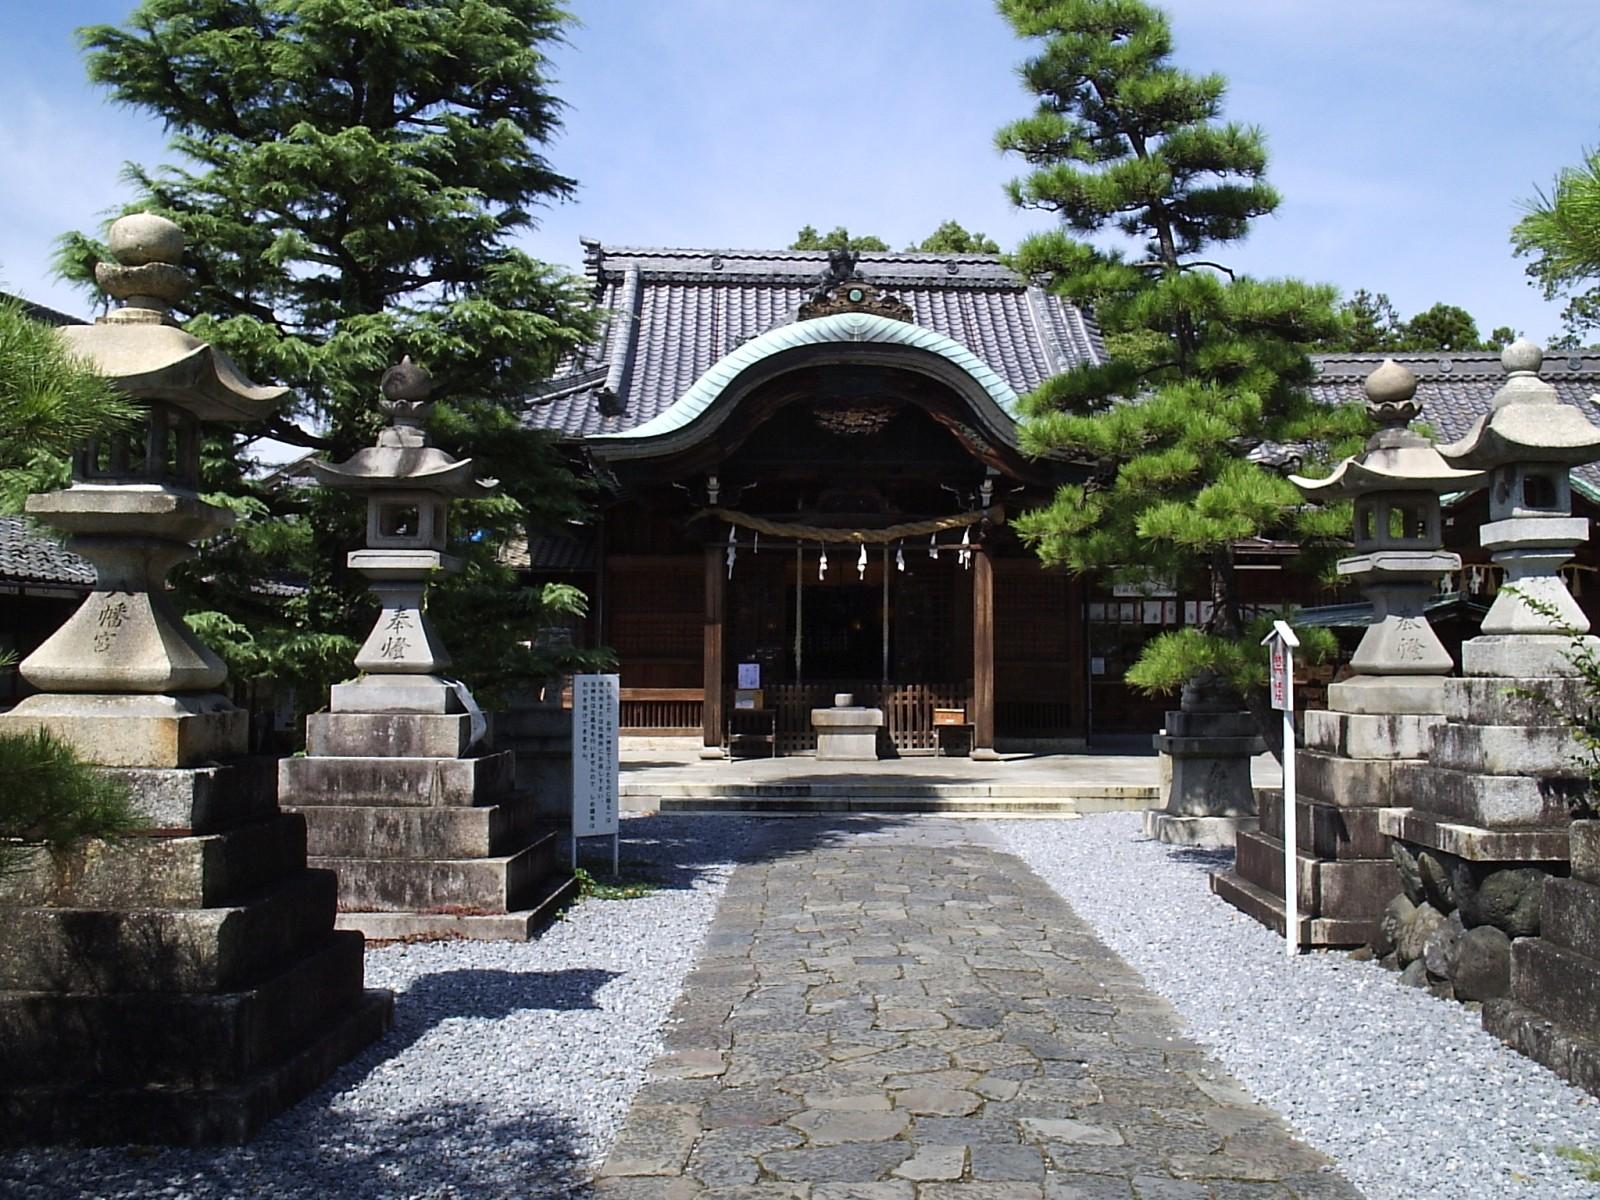 大垣八幡神社 – Ogaki Hachiman Shrine